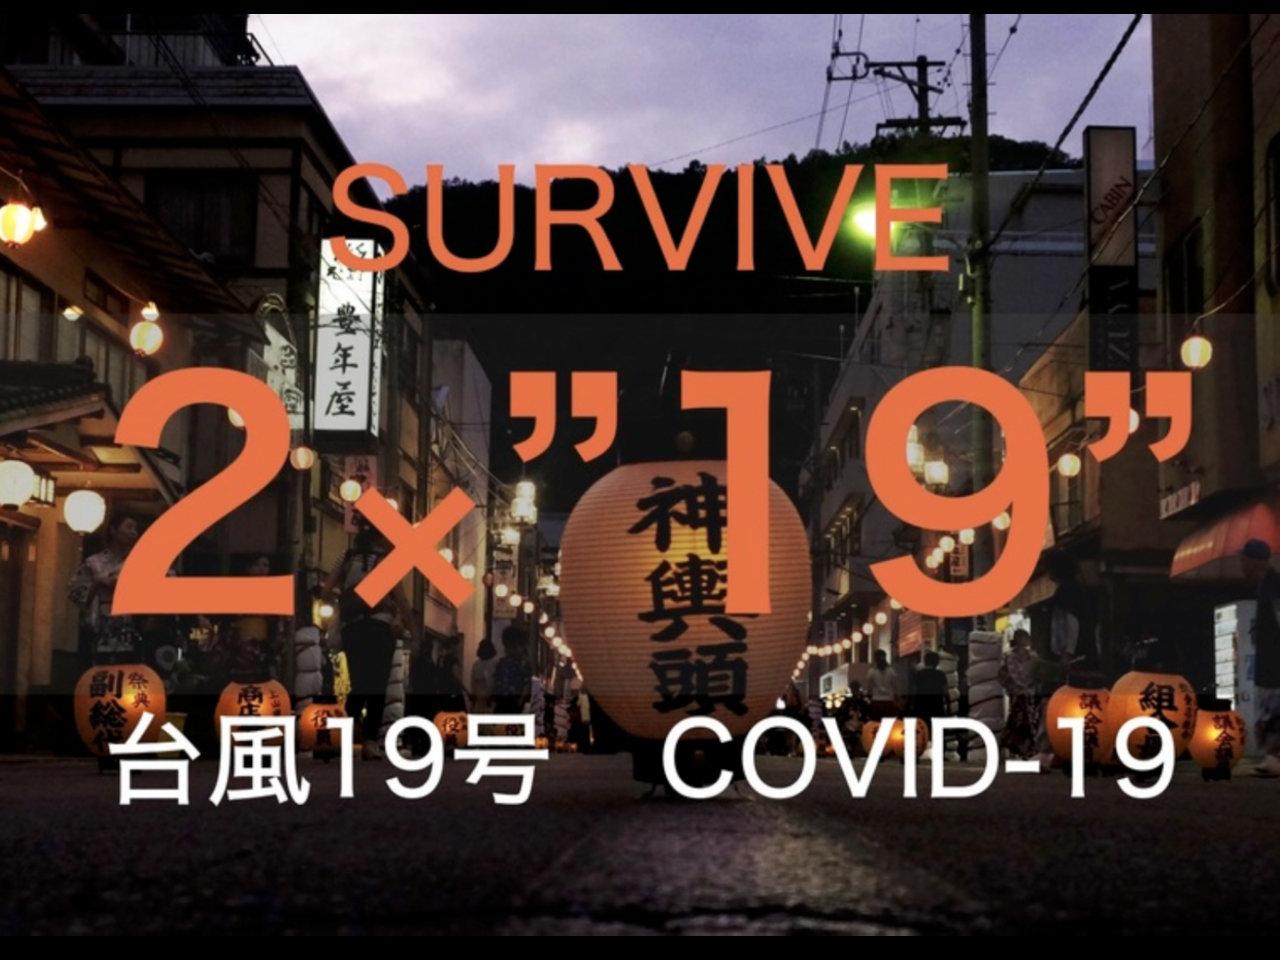 台風19号と新型コロナ(COVID-19)で追い込まれた宿泊施設に未来への「約束」を